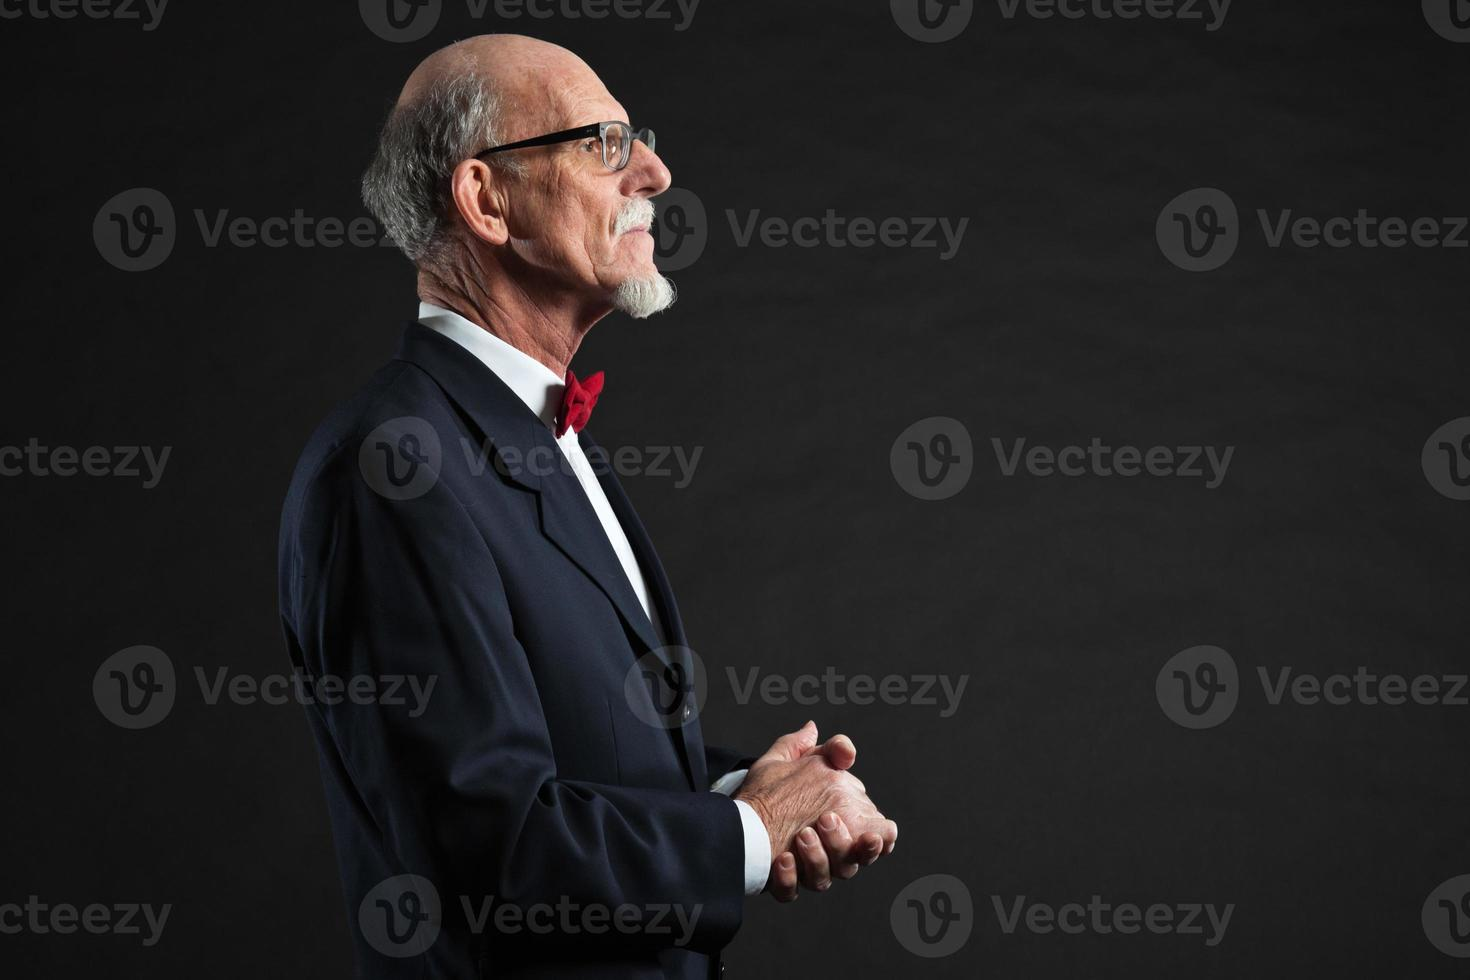 älterer Mann, der Anzug und rote Krawatte trägt. Studioaufnahme. foto